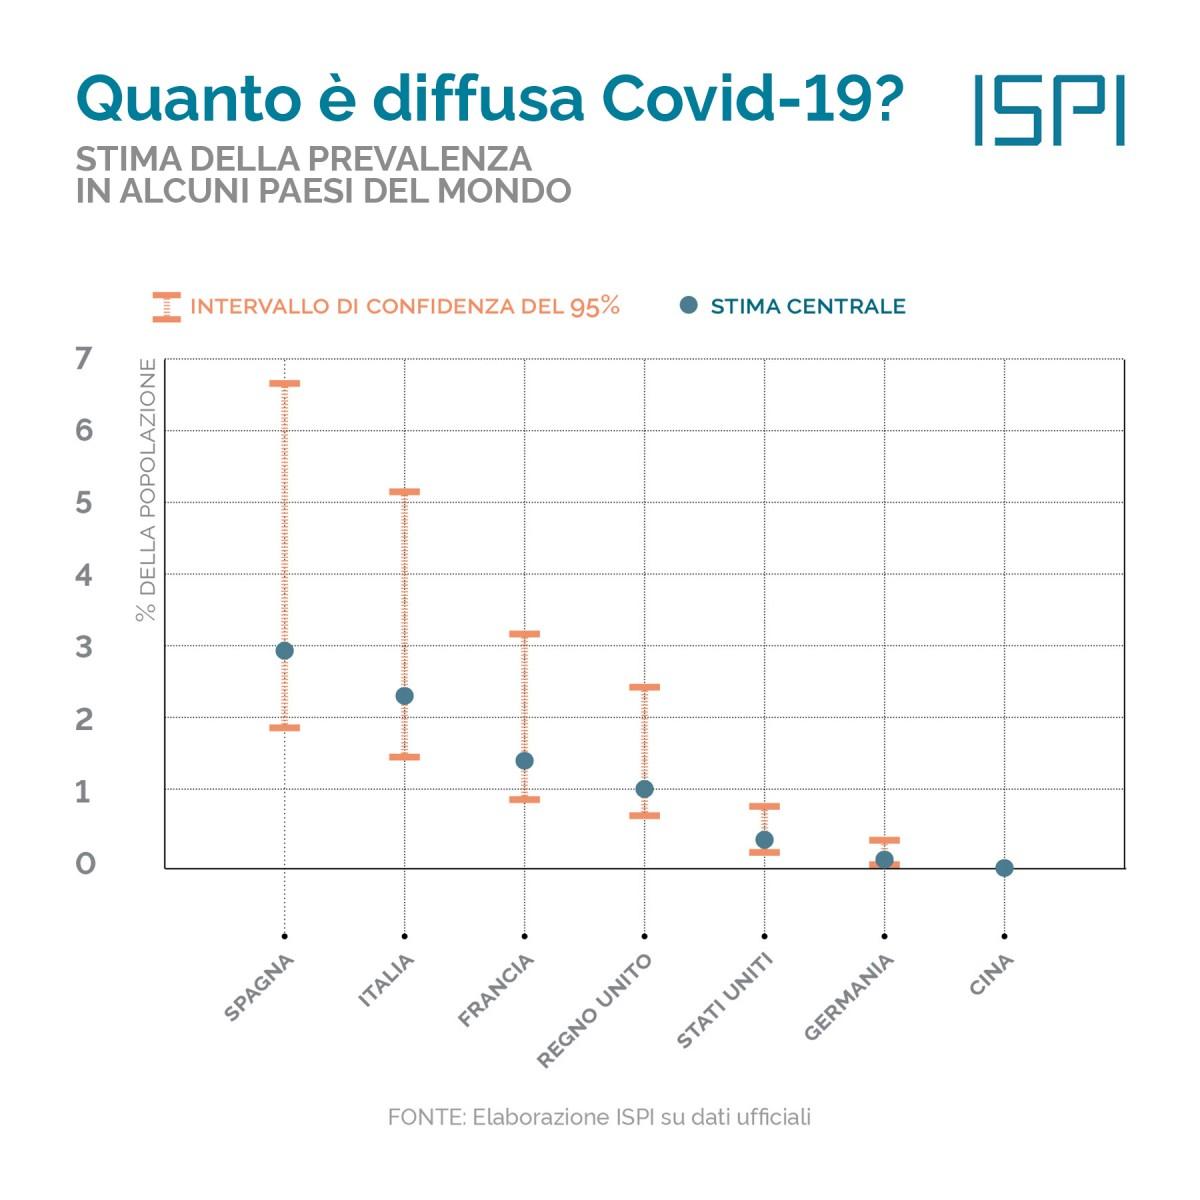 Coronavirus Il Sogno Dell Immunita Ispi